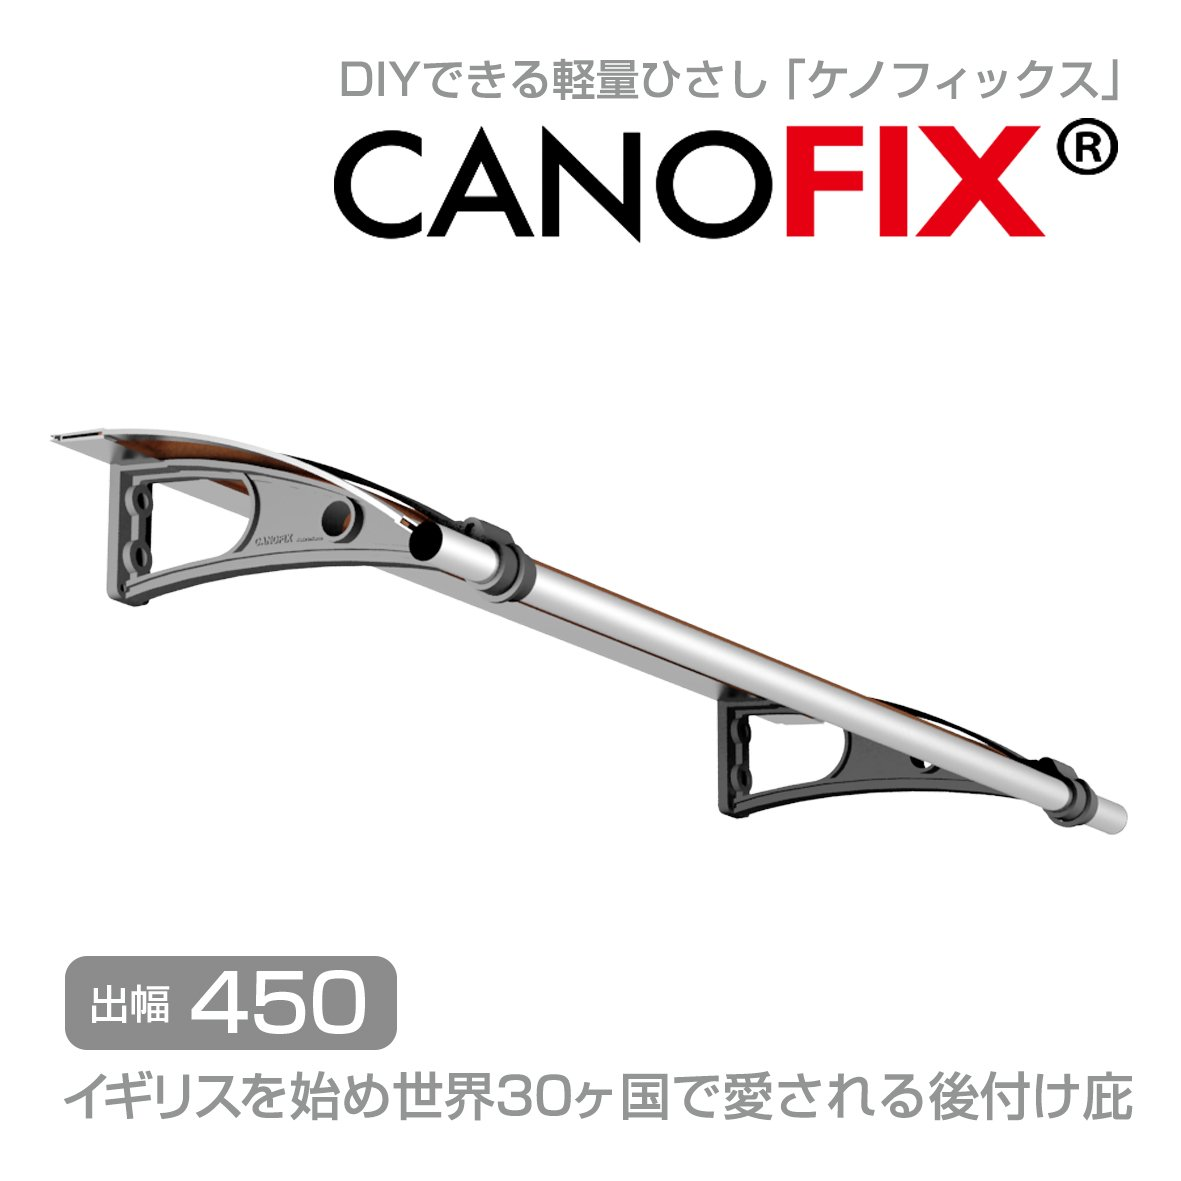 【日本総輸入元】DIY可能な後付けひさし ケノフィックス(CANOFIX) D450 W2500/シート:ブラウン/ブラケット:ブラック B079HL48Q5